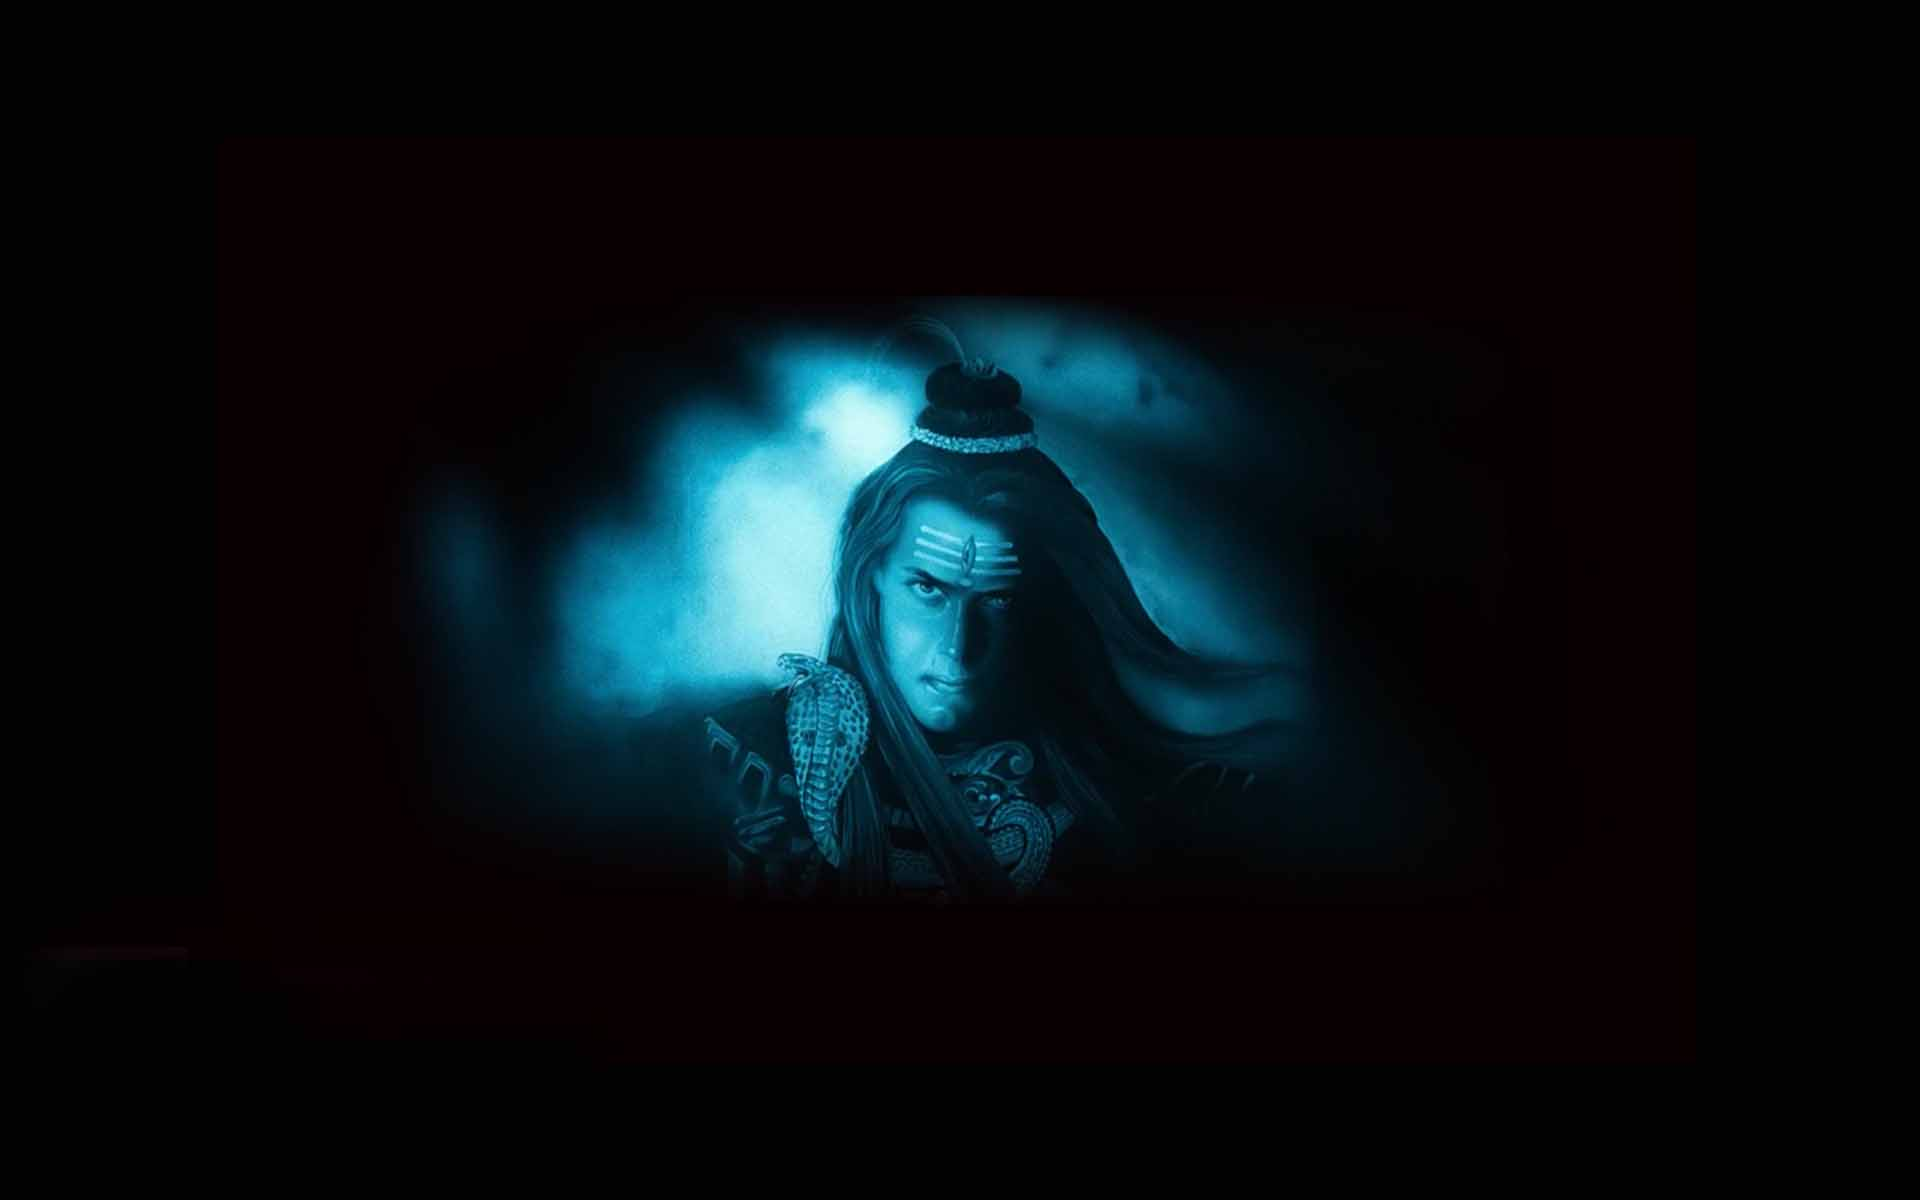 1920x1200 Shiva Hình nền HD